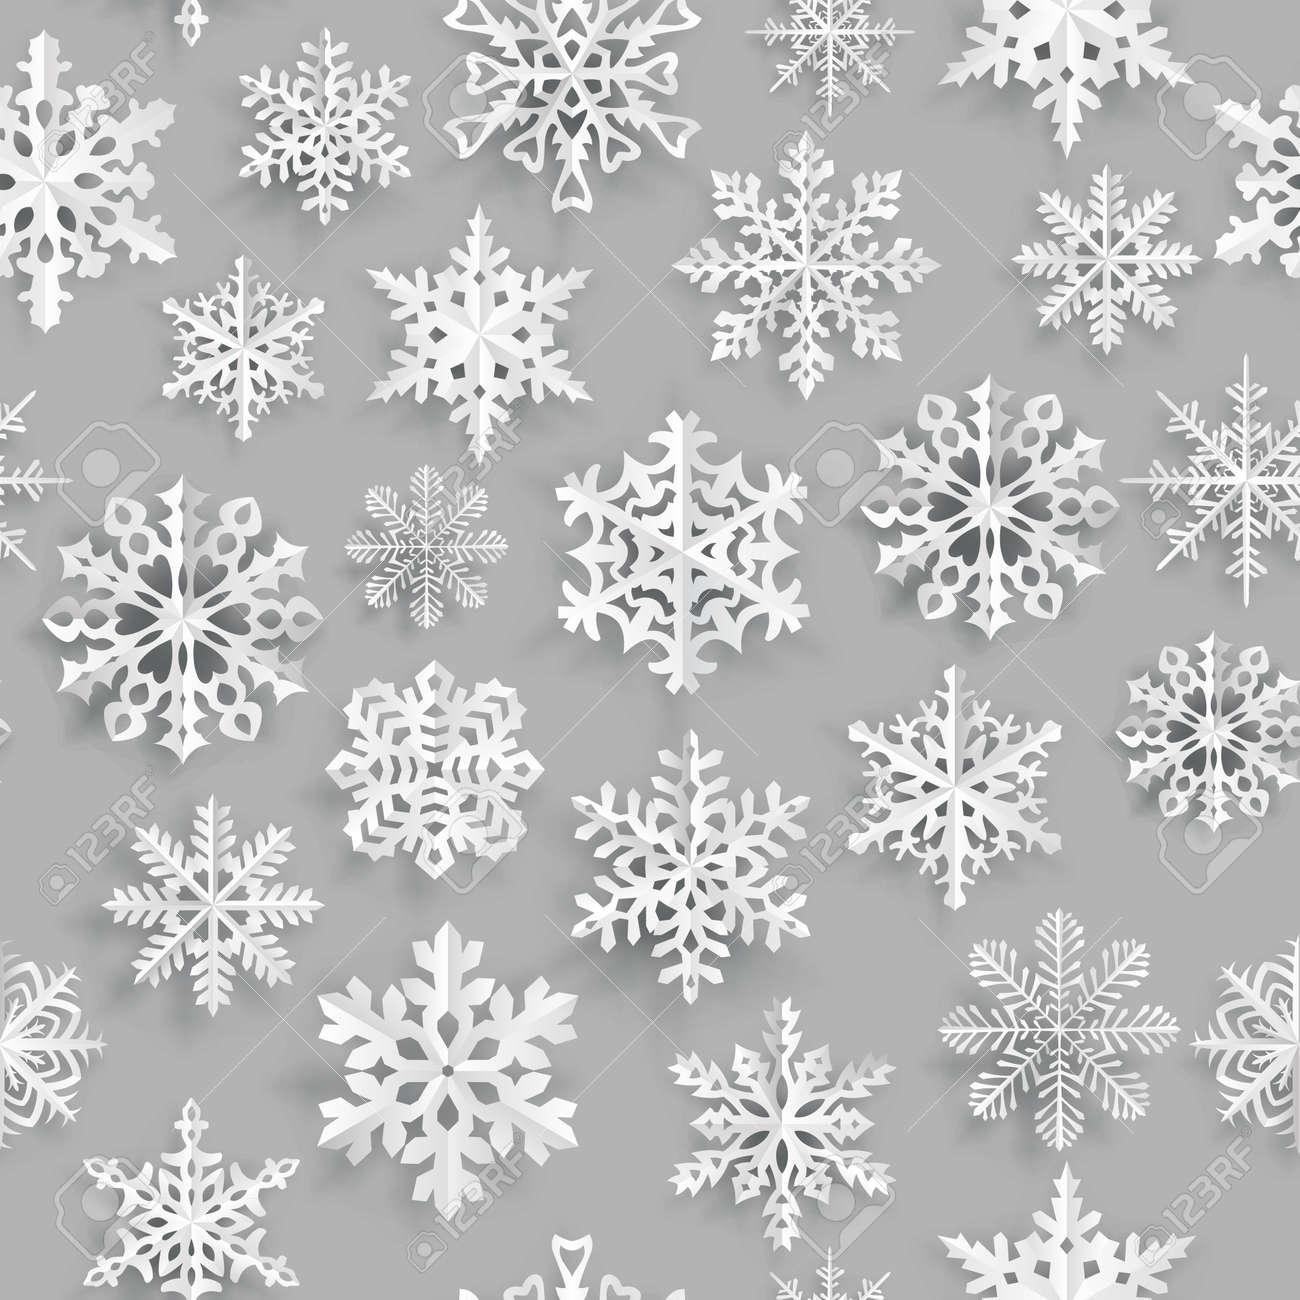 Weihnachten Nahtlose Muster Mit Weißem Papier Schneeflocken Auf